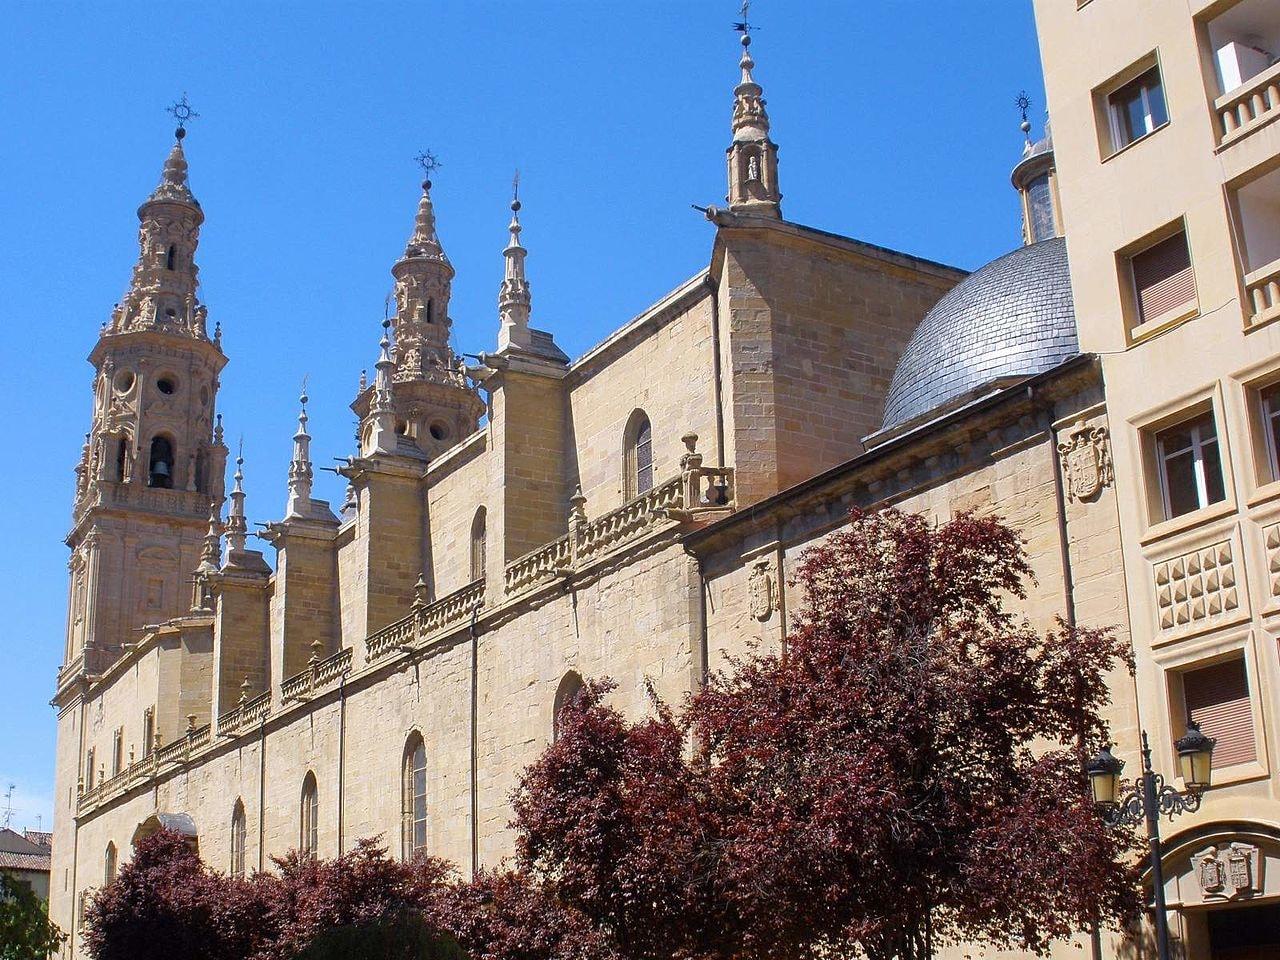 Catedral de Santa María de la Redonda, Logroño, Spain | ©Zarateman / Wikimedia Commons